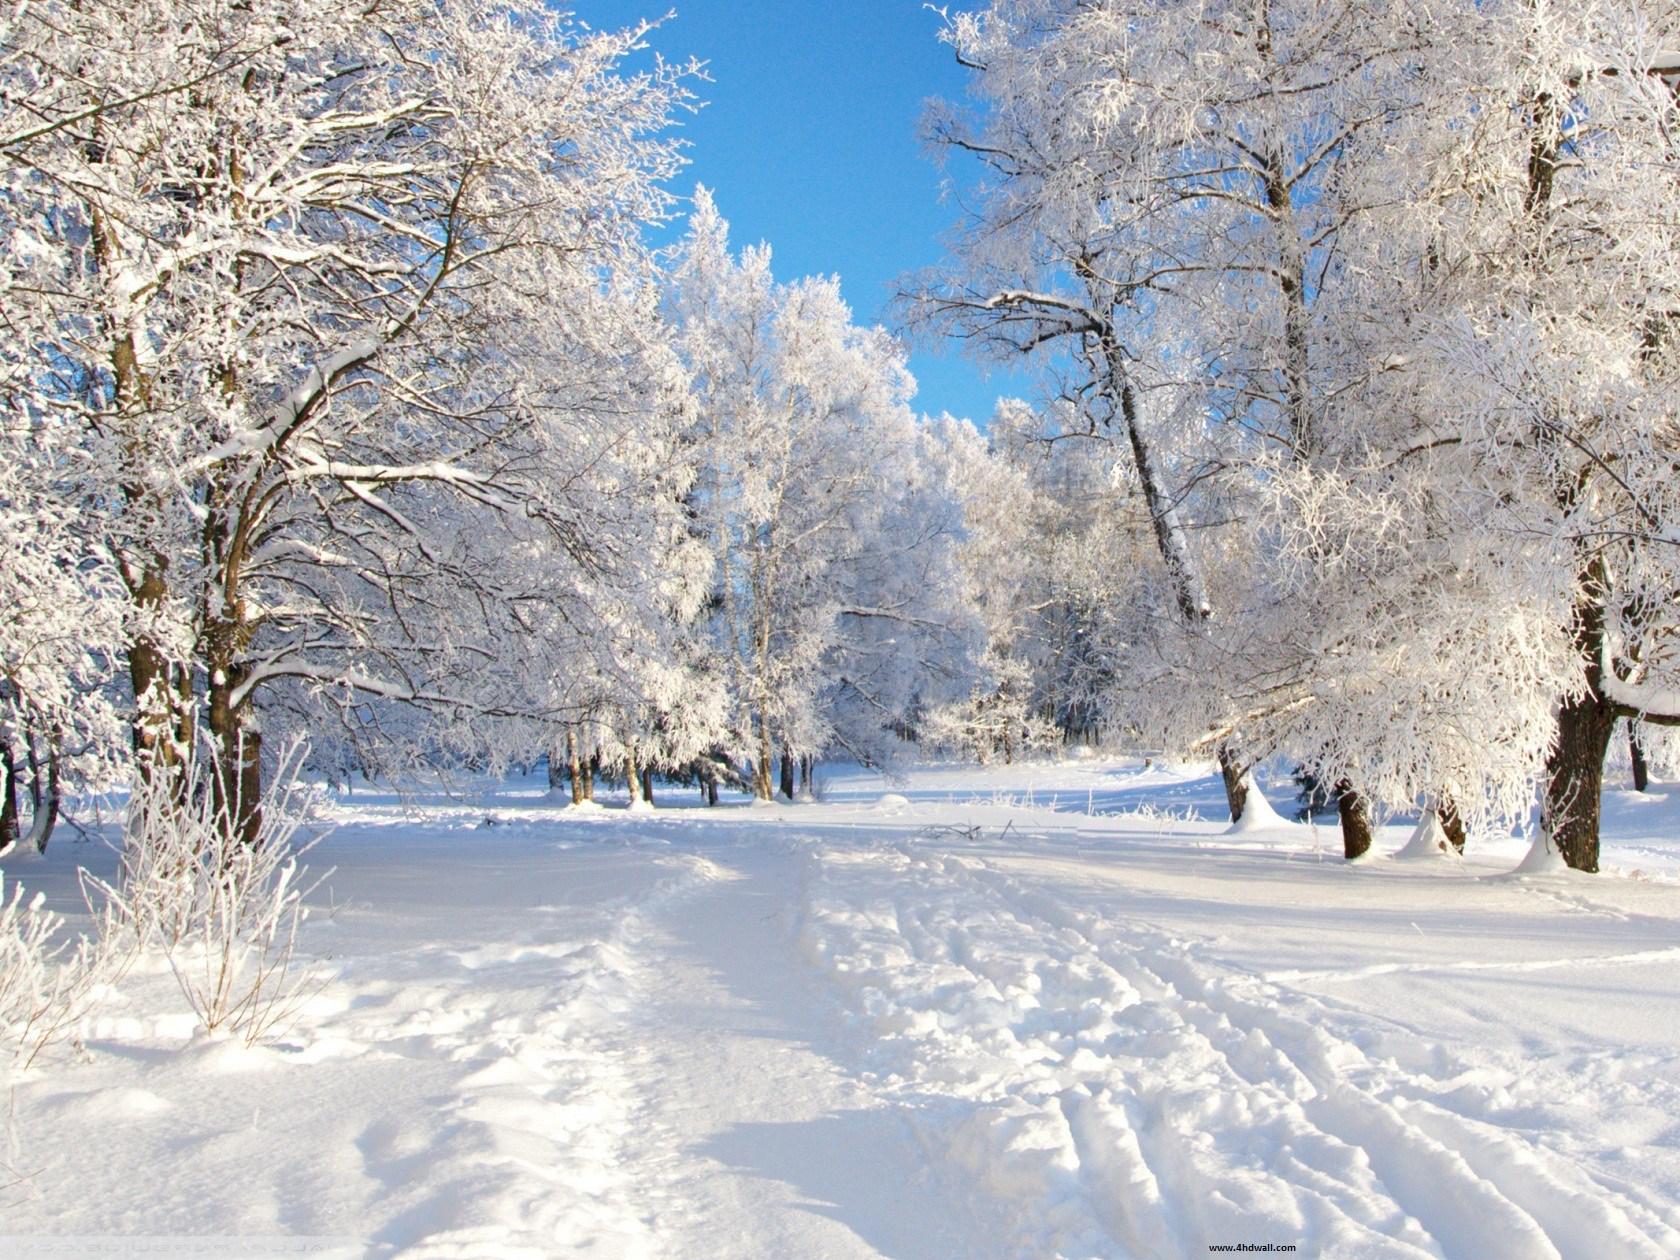 free seasonal wallpaper downloads - wallpapersafari